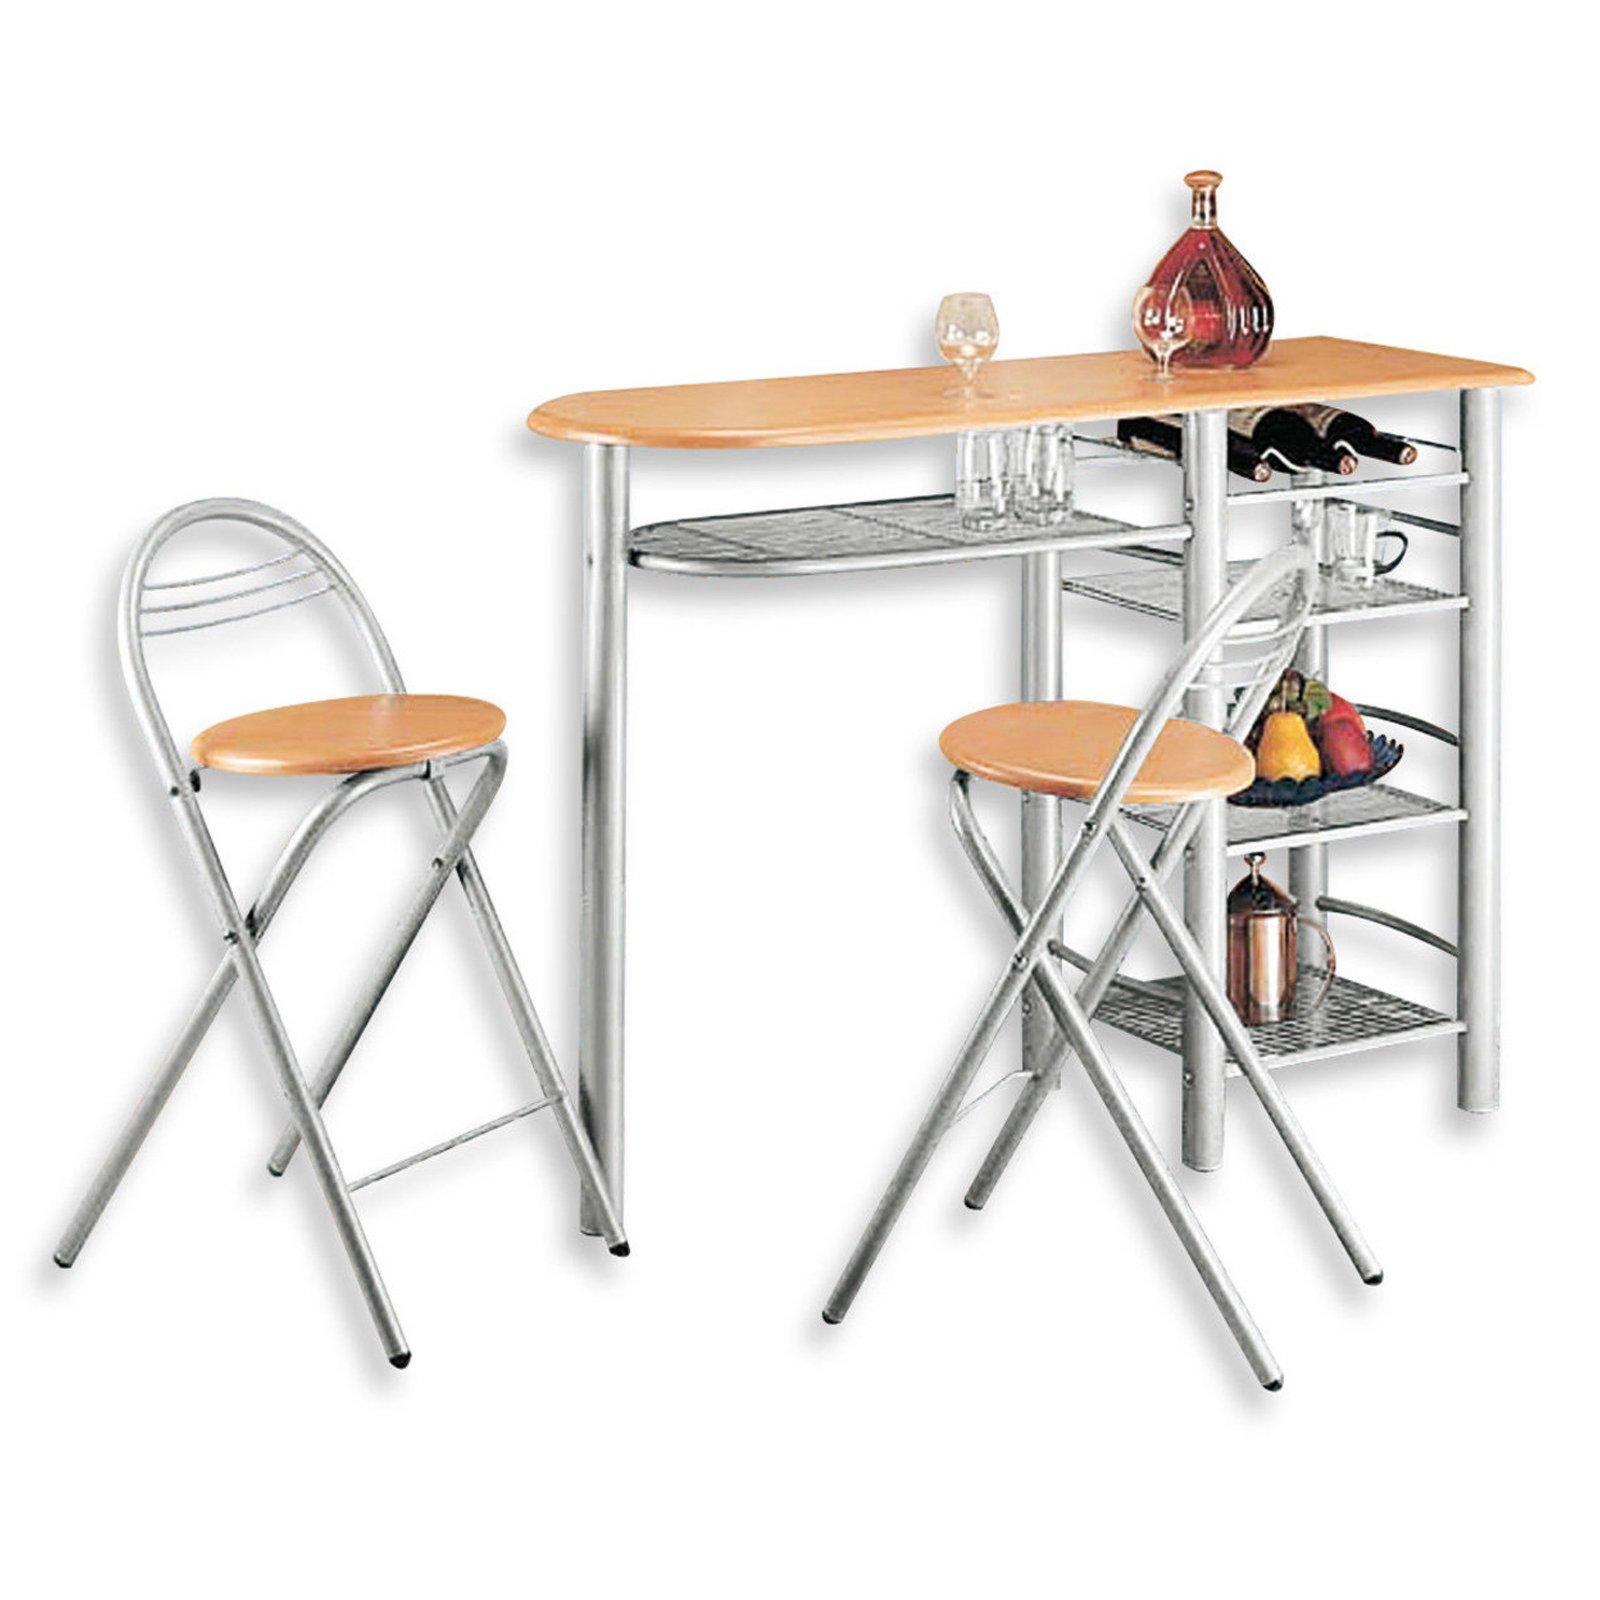 bartischgruppe else alu gestell 3 teilig bar sets barm bel m bel roller m belhaus. Black Bedroom Furniture Sets. Home Design Ideas